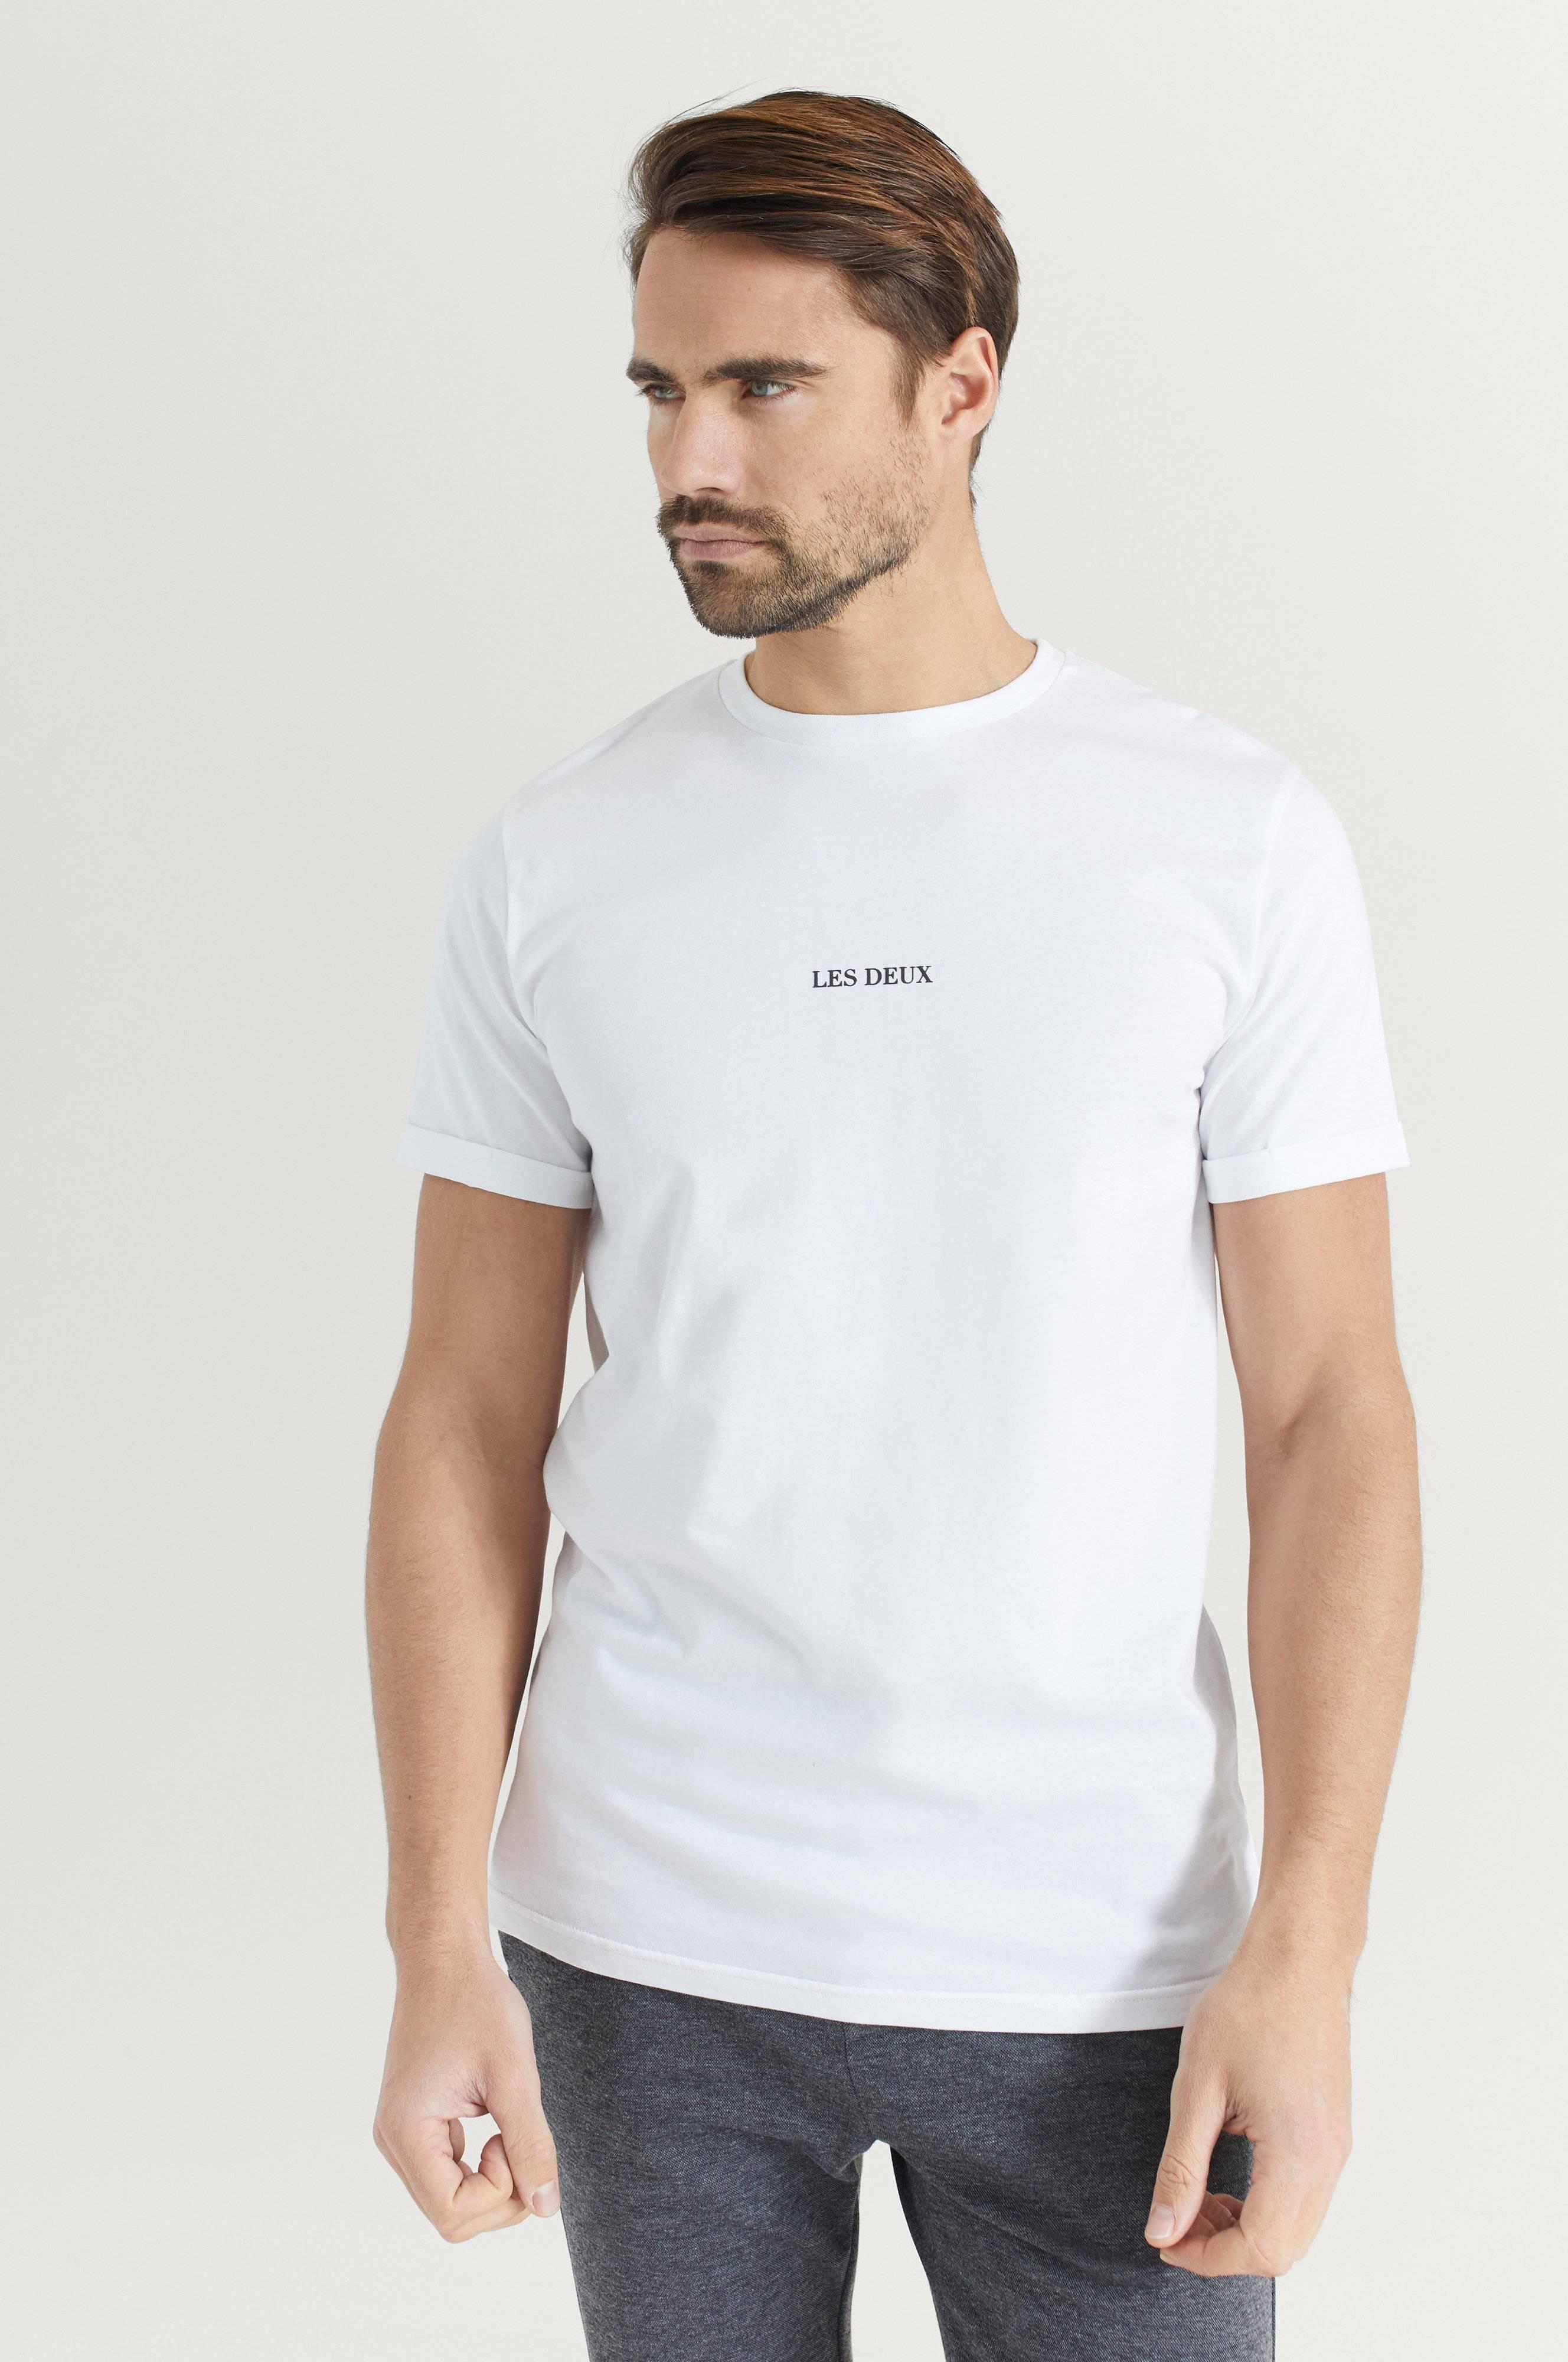 Les Deux T-Shirt Lens T-Shirt Vit